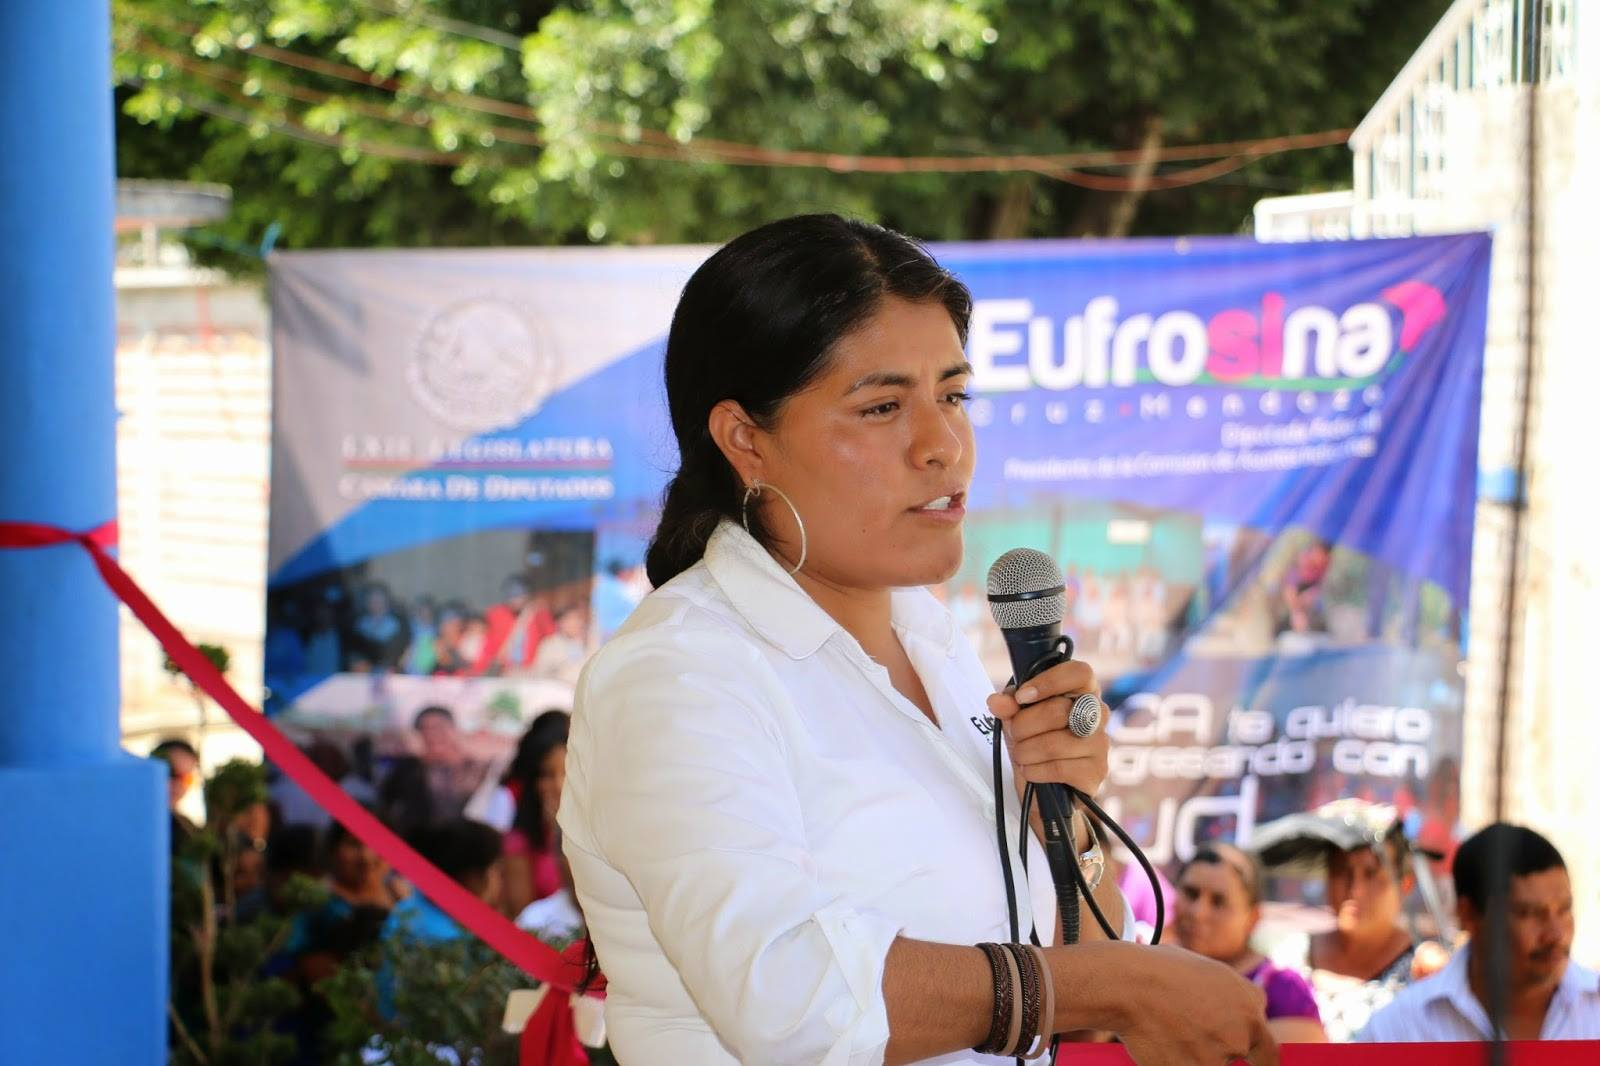 Chi è Eufrosina Cruz